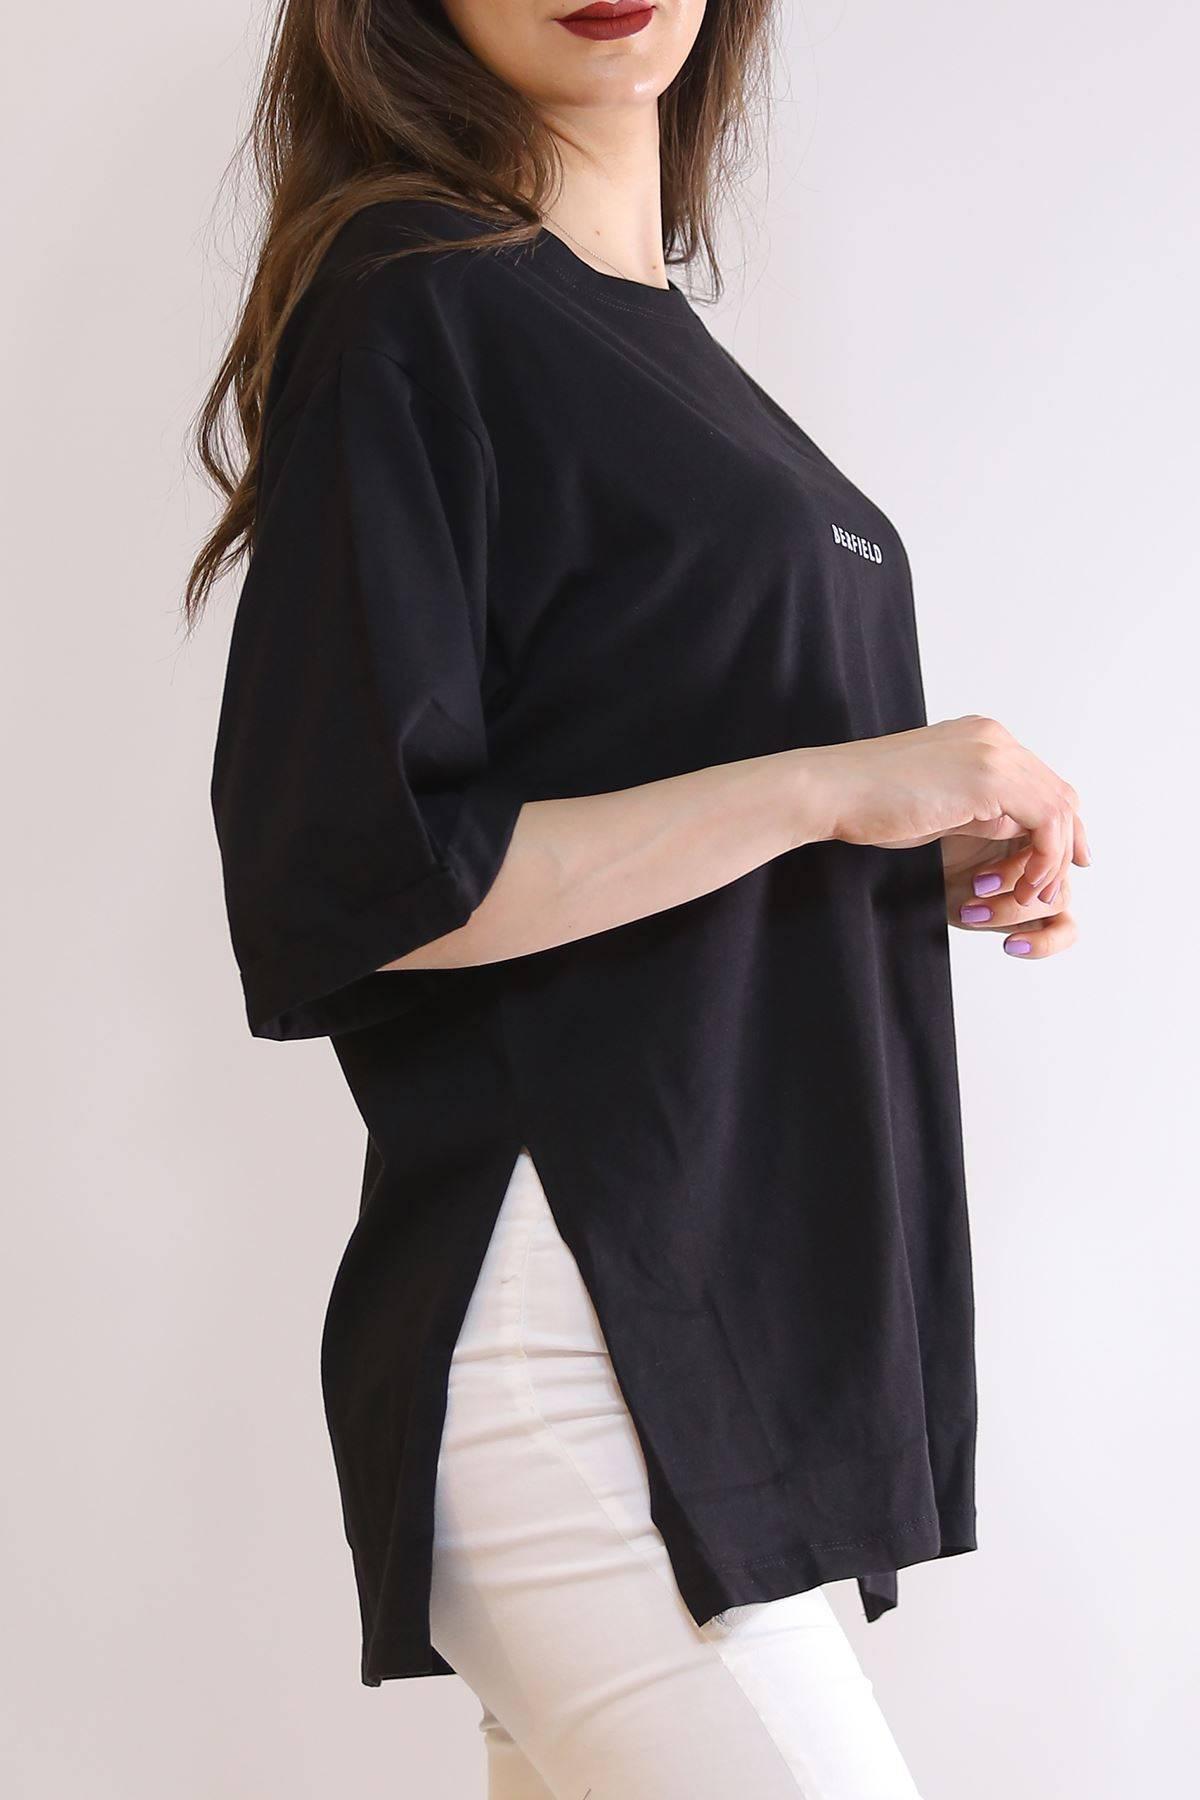 Baskılı Yırtmaçlı Tişört Siyah - 3151.105.